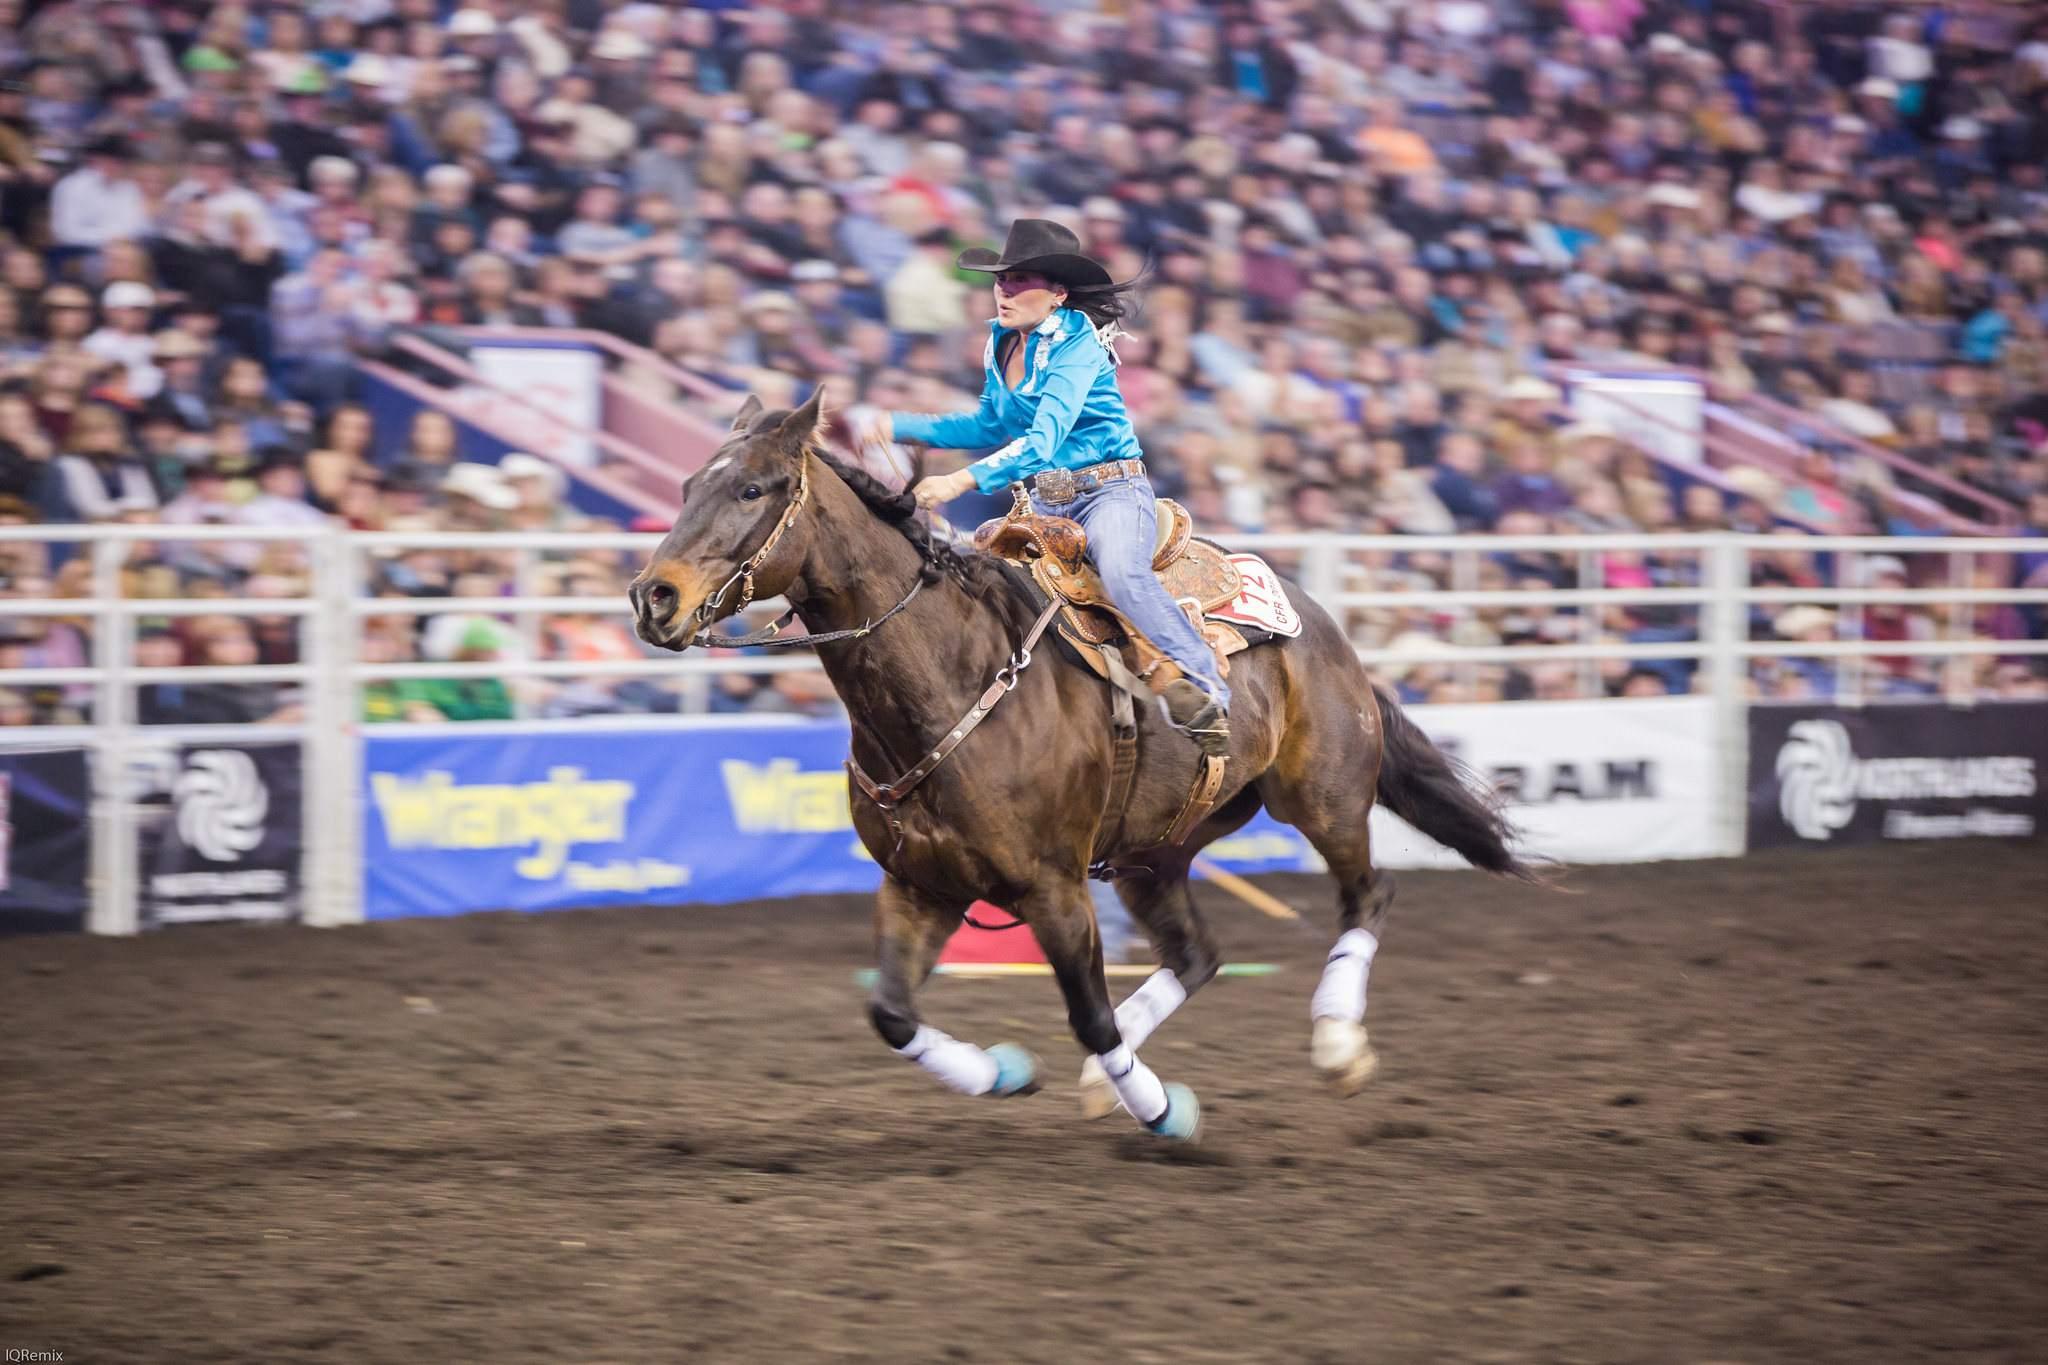 finals rodeo5 Canadian Finals Rodeo in Edmonton